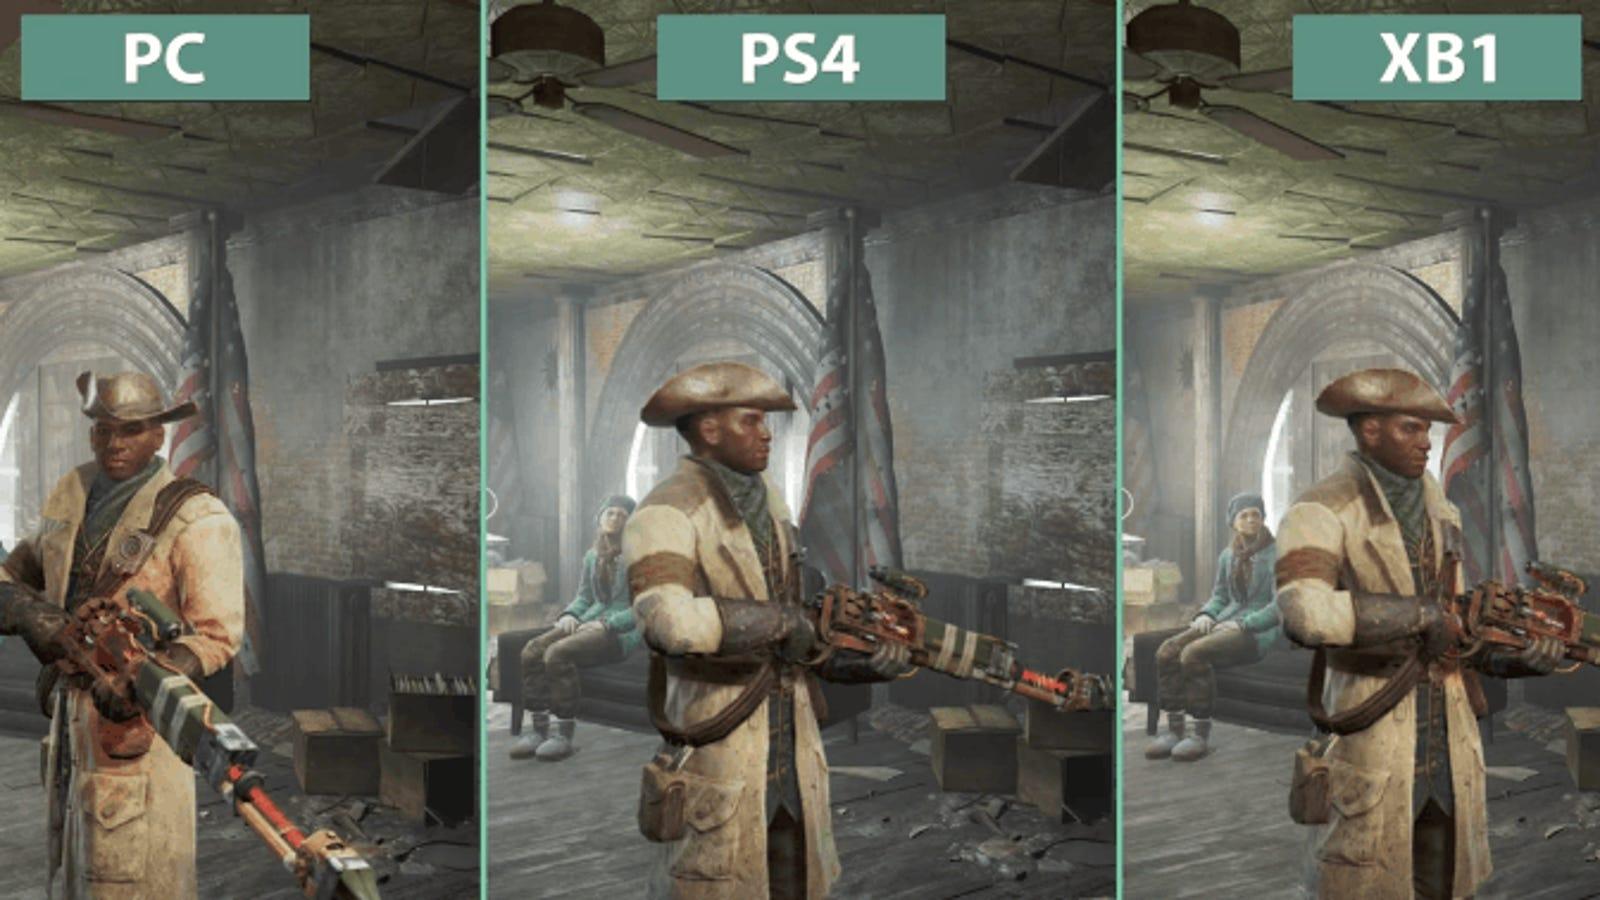 La calidad gráfica de Fallout 4 en PC, PlayStation 4 y Xbox One, comparadas cara a cara